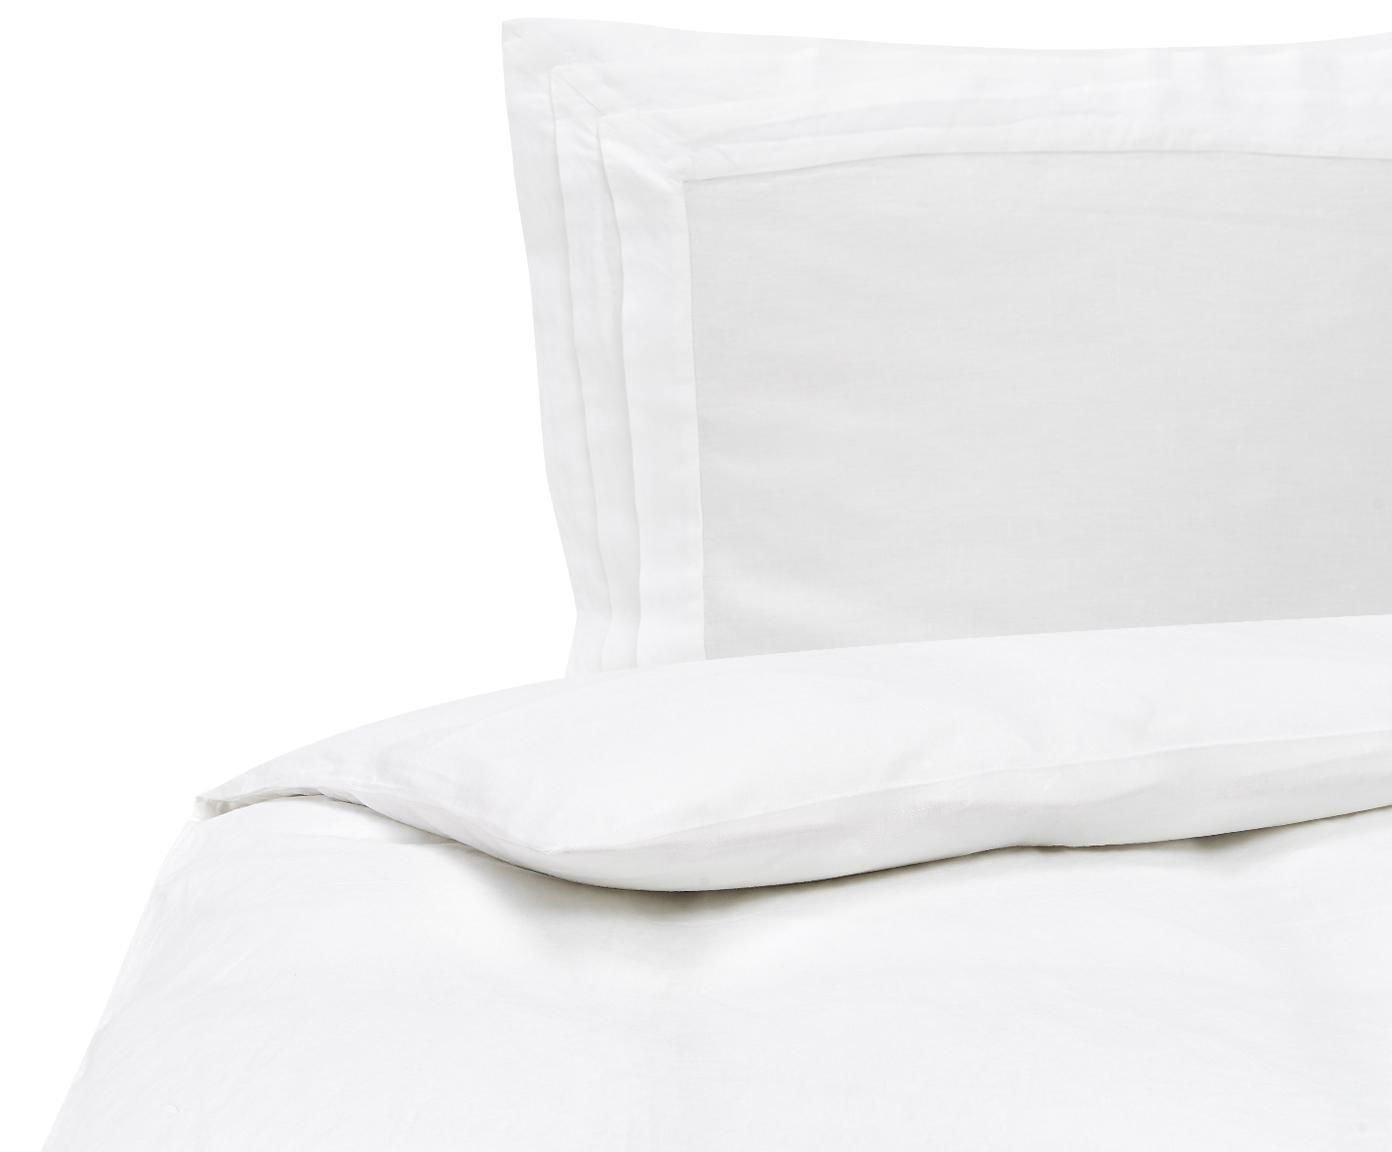 Pościel z lnu z efektem sprania Helena, Pół len (52% len, 48% bawełna) Z efektem stonewash zapewniającym miękkość w dotyku, Biały, 135 x 200 cm